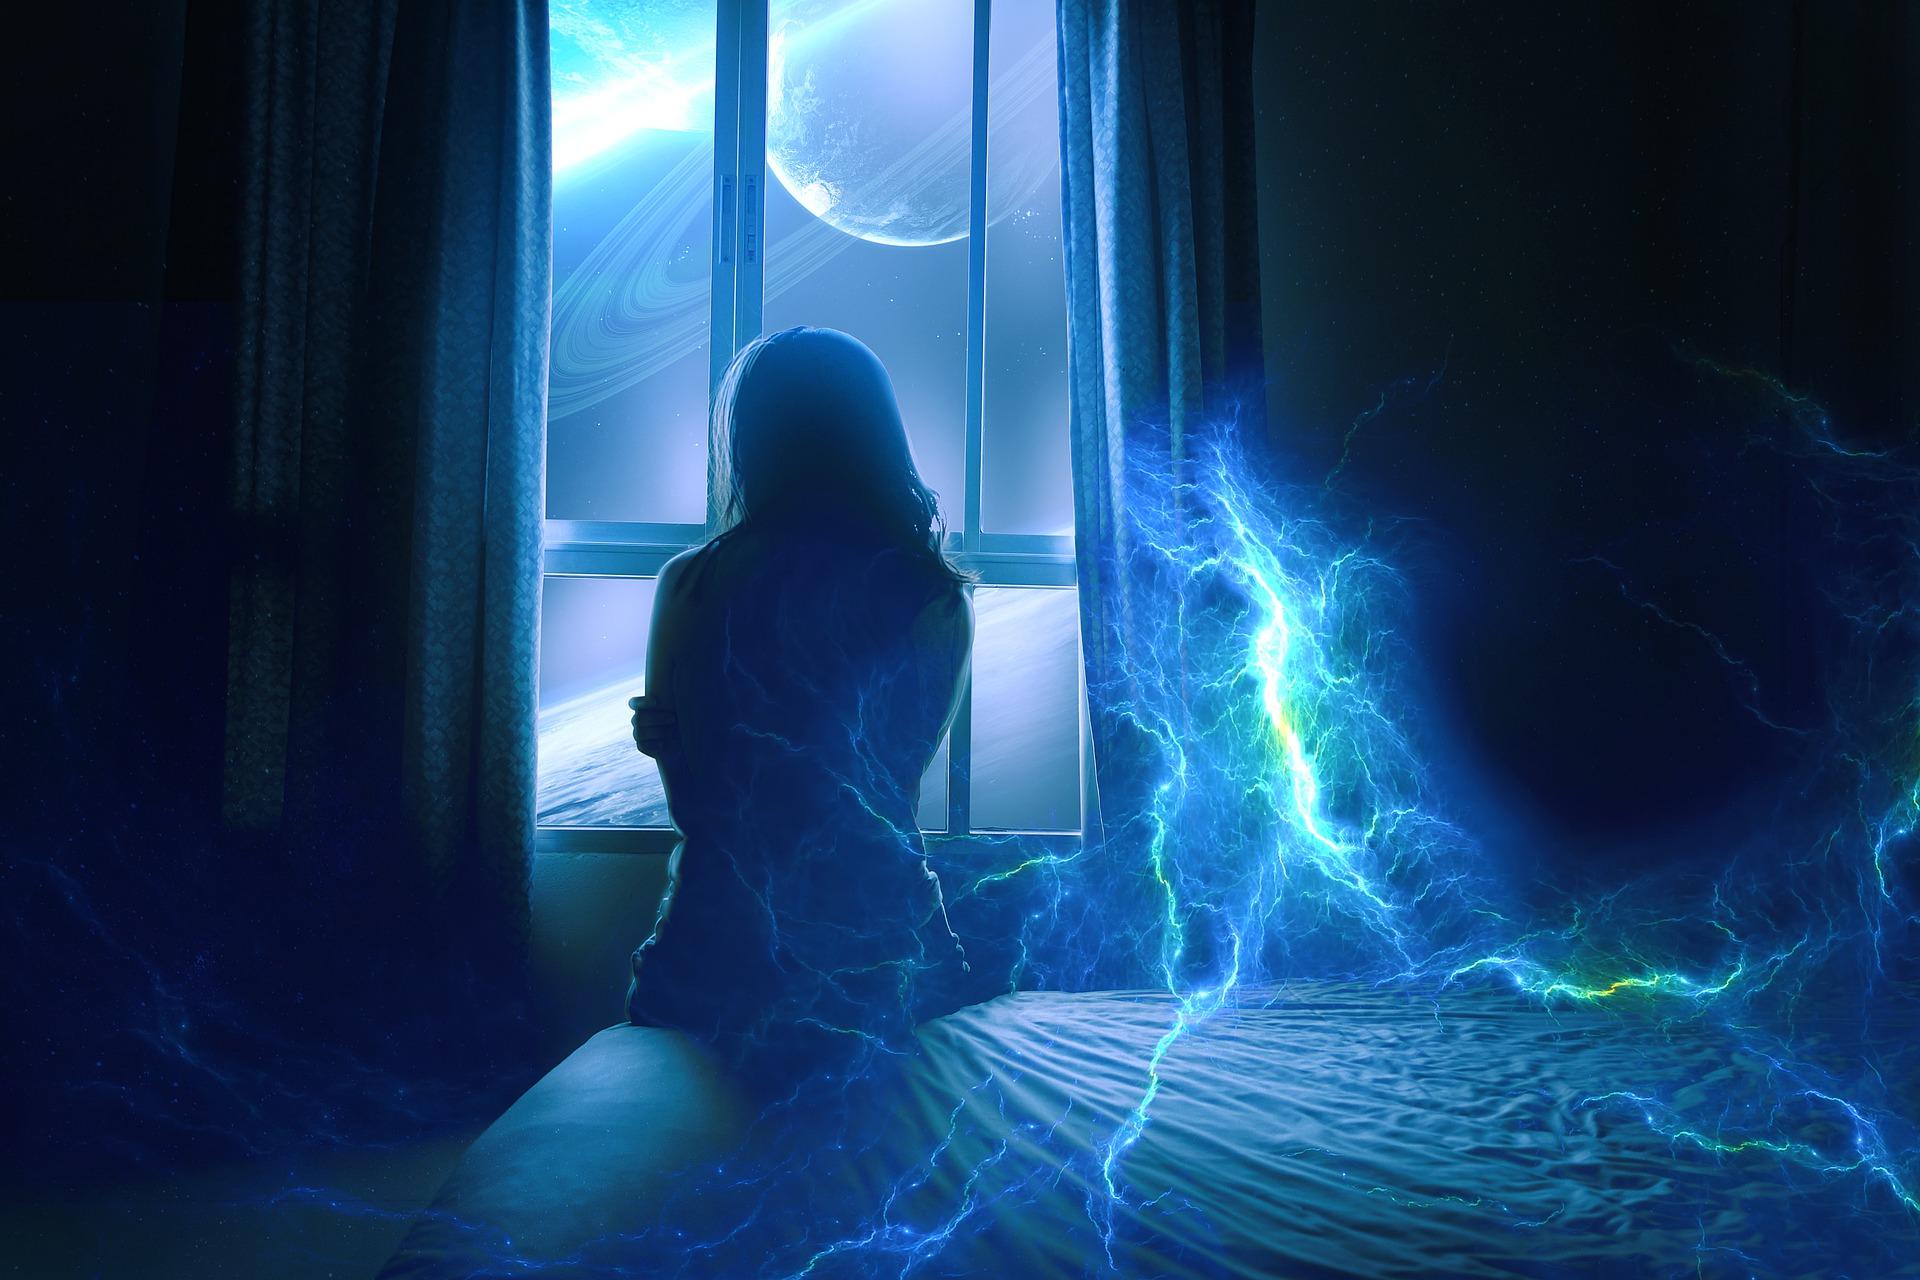 Światło w nocy negatywnie wpływa na nasz sen